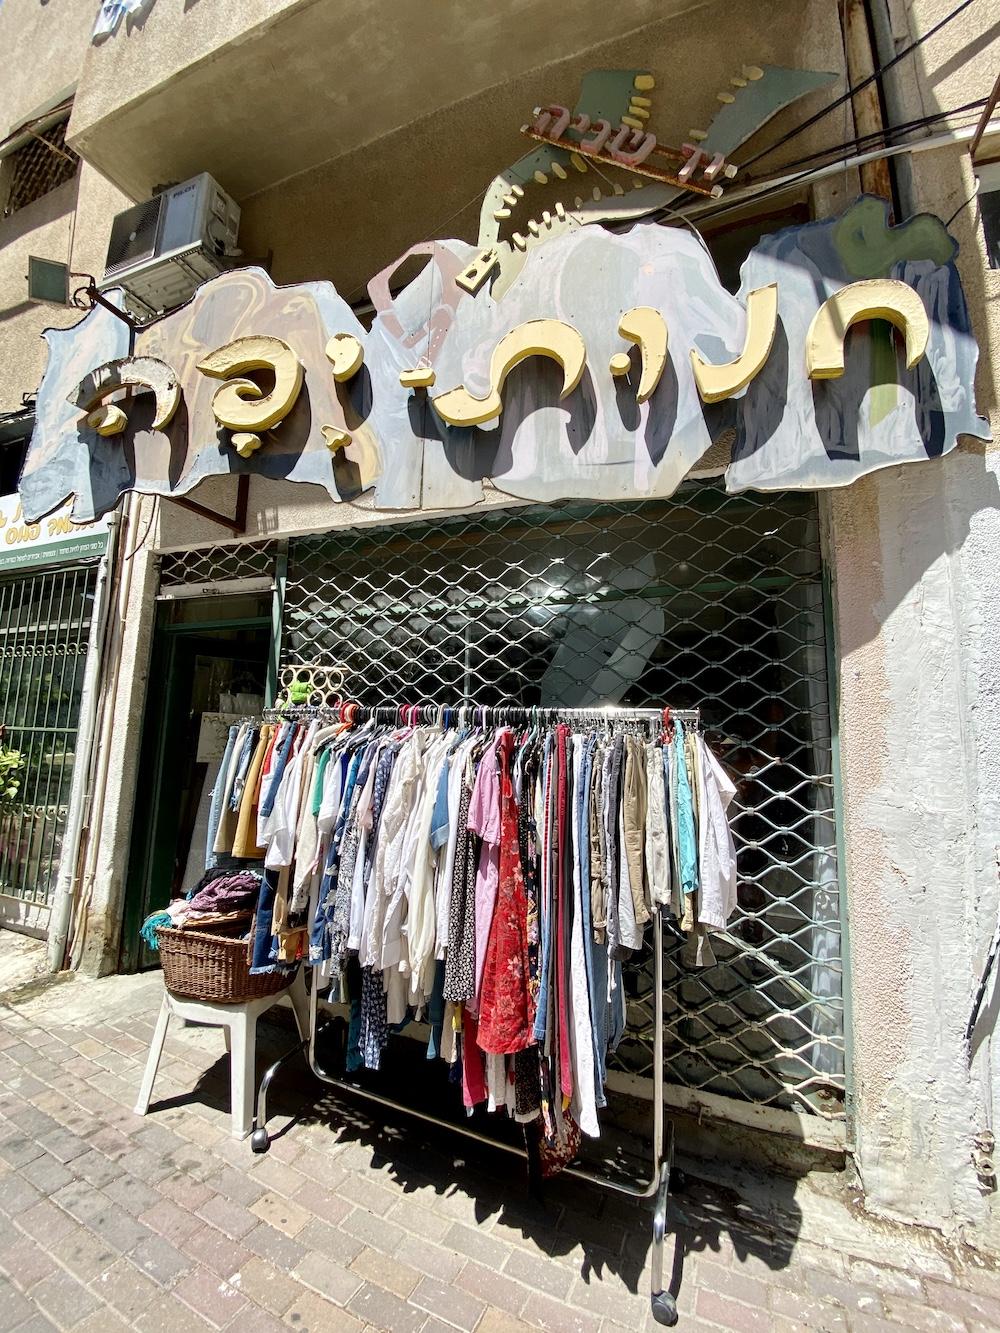 חנות יפה חנות וינטג׳ יד שניה שירי ויצנר בלוג חיפאית9